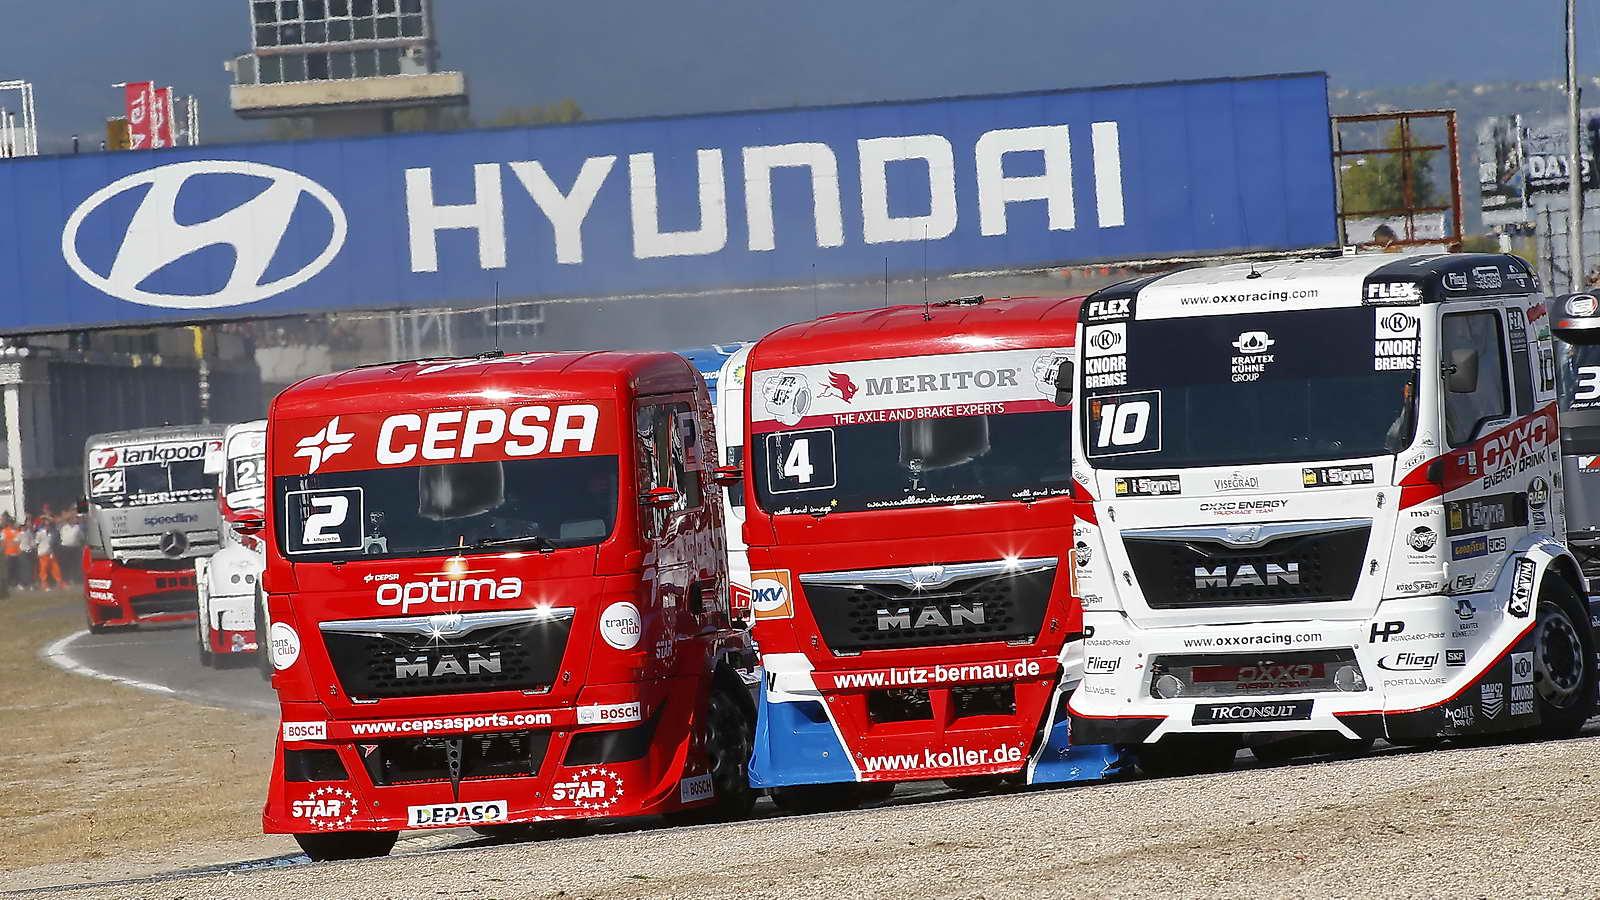 Camiones_de_carreras_03